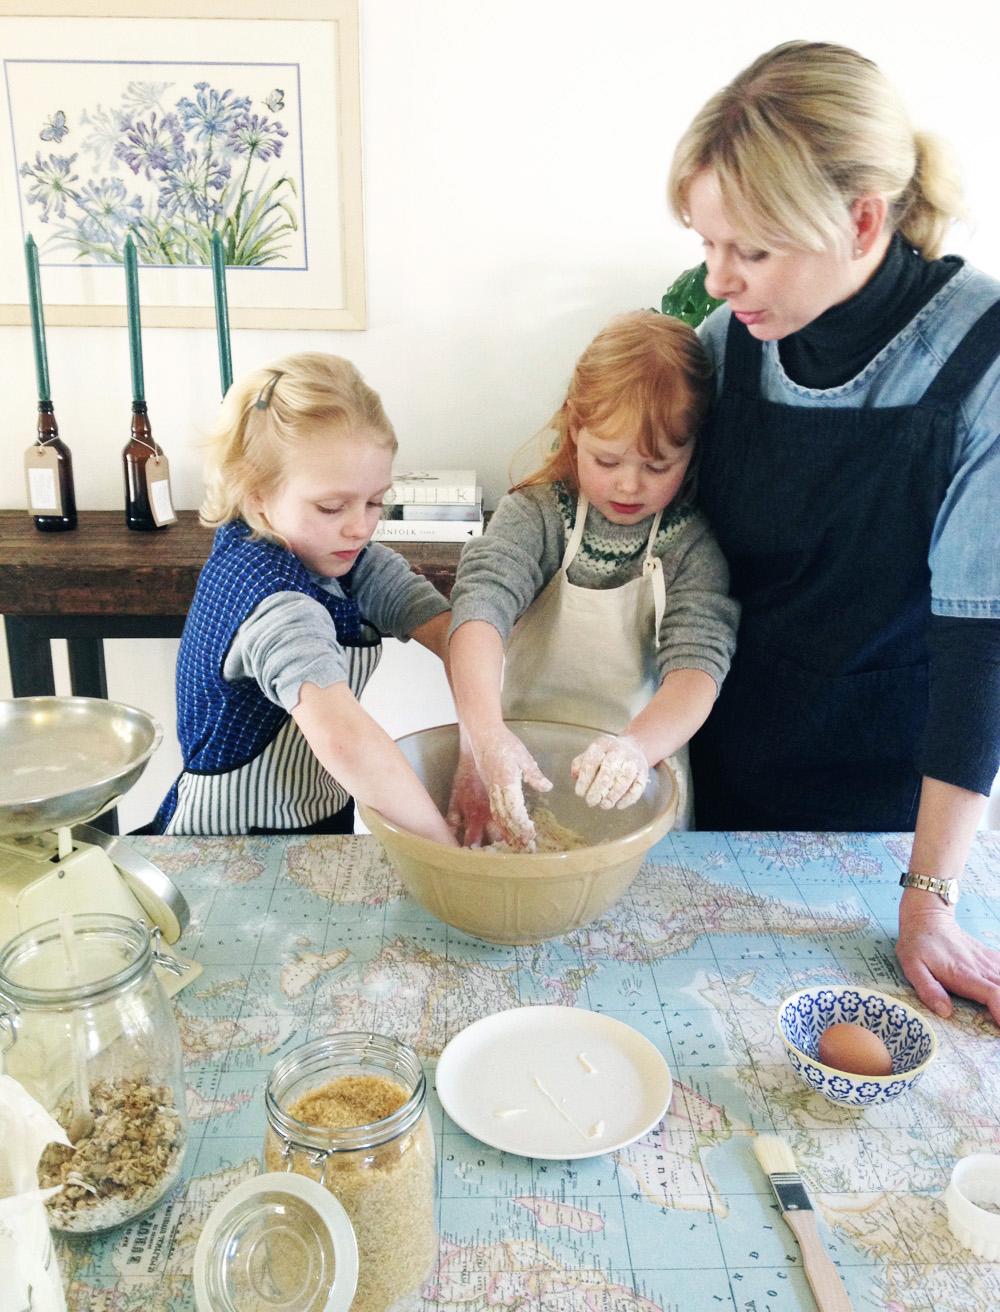 baking together.jpg